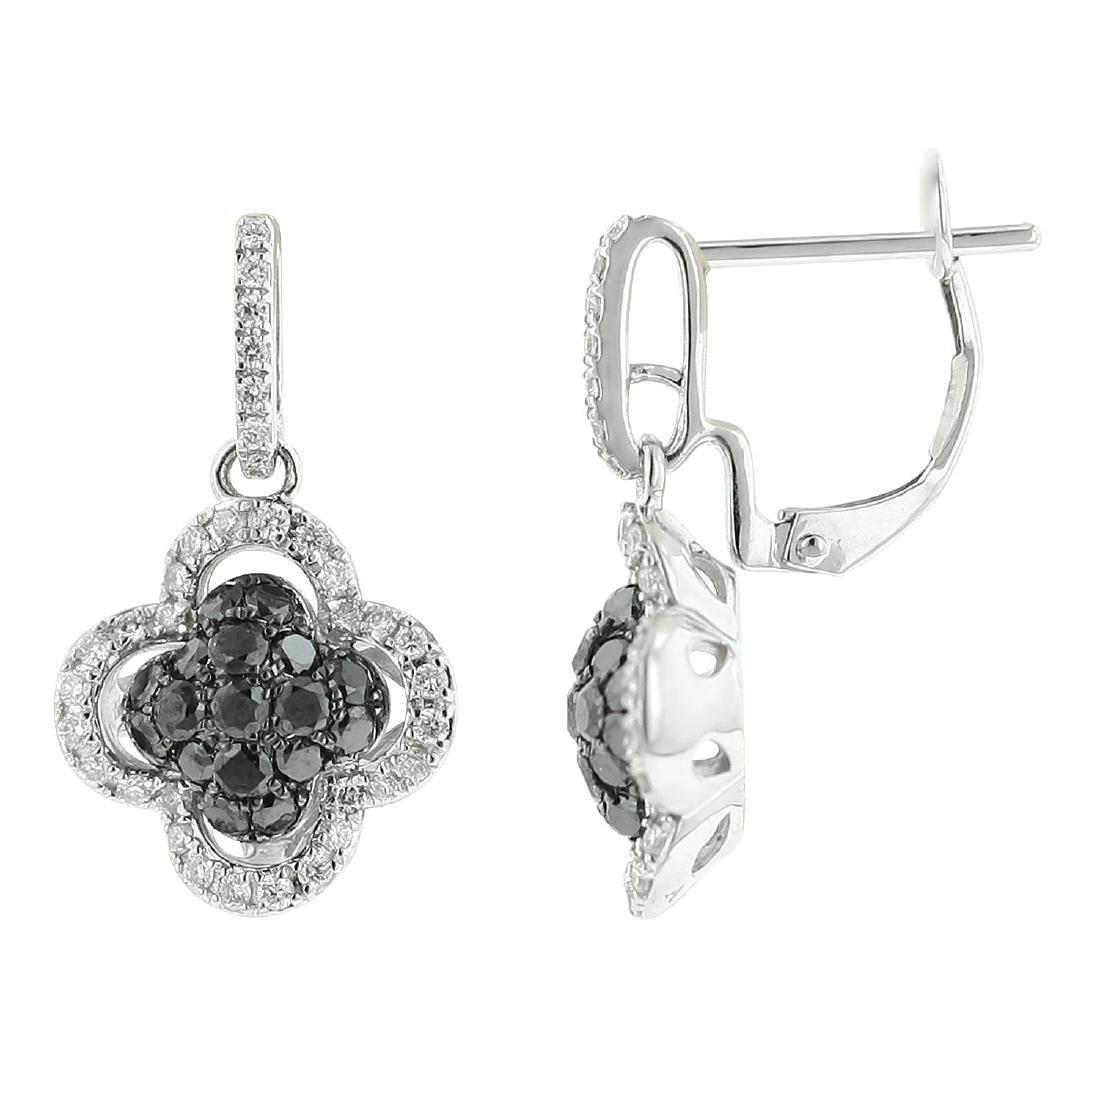 18k White Gold Diamond Earrings - 2